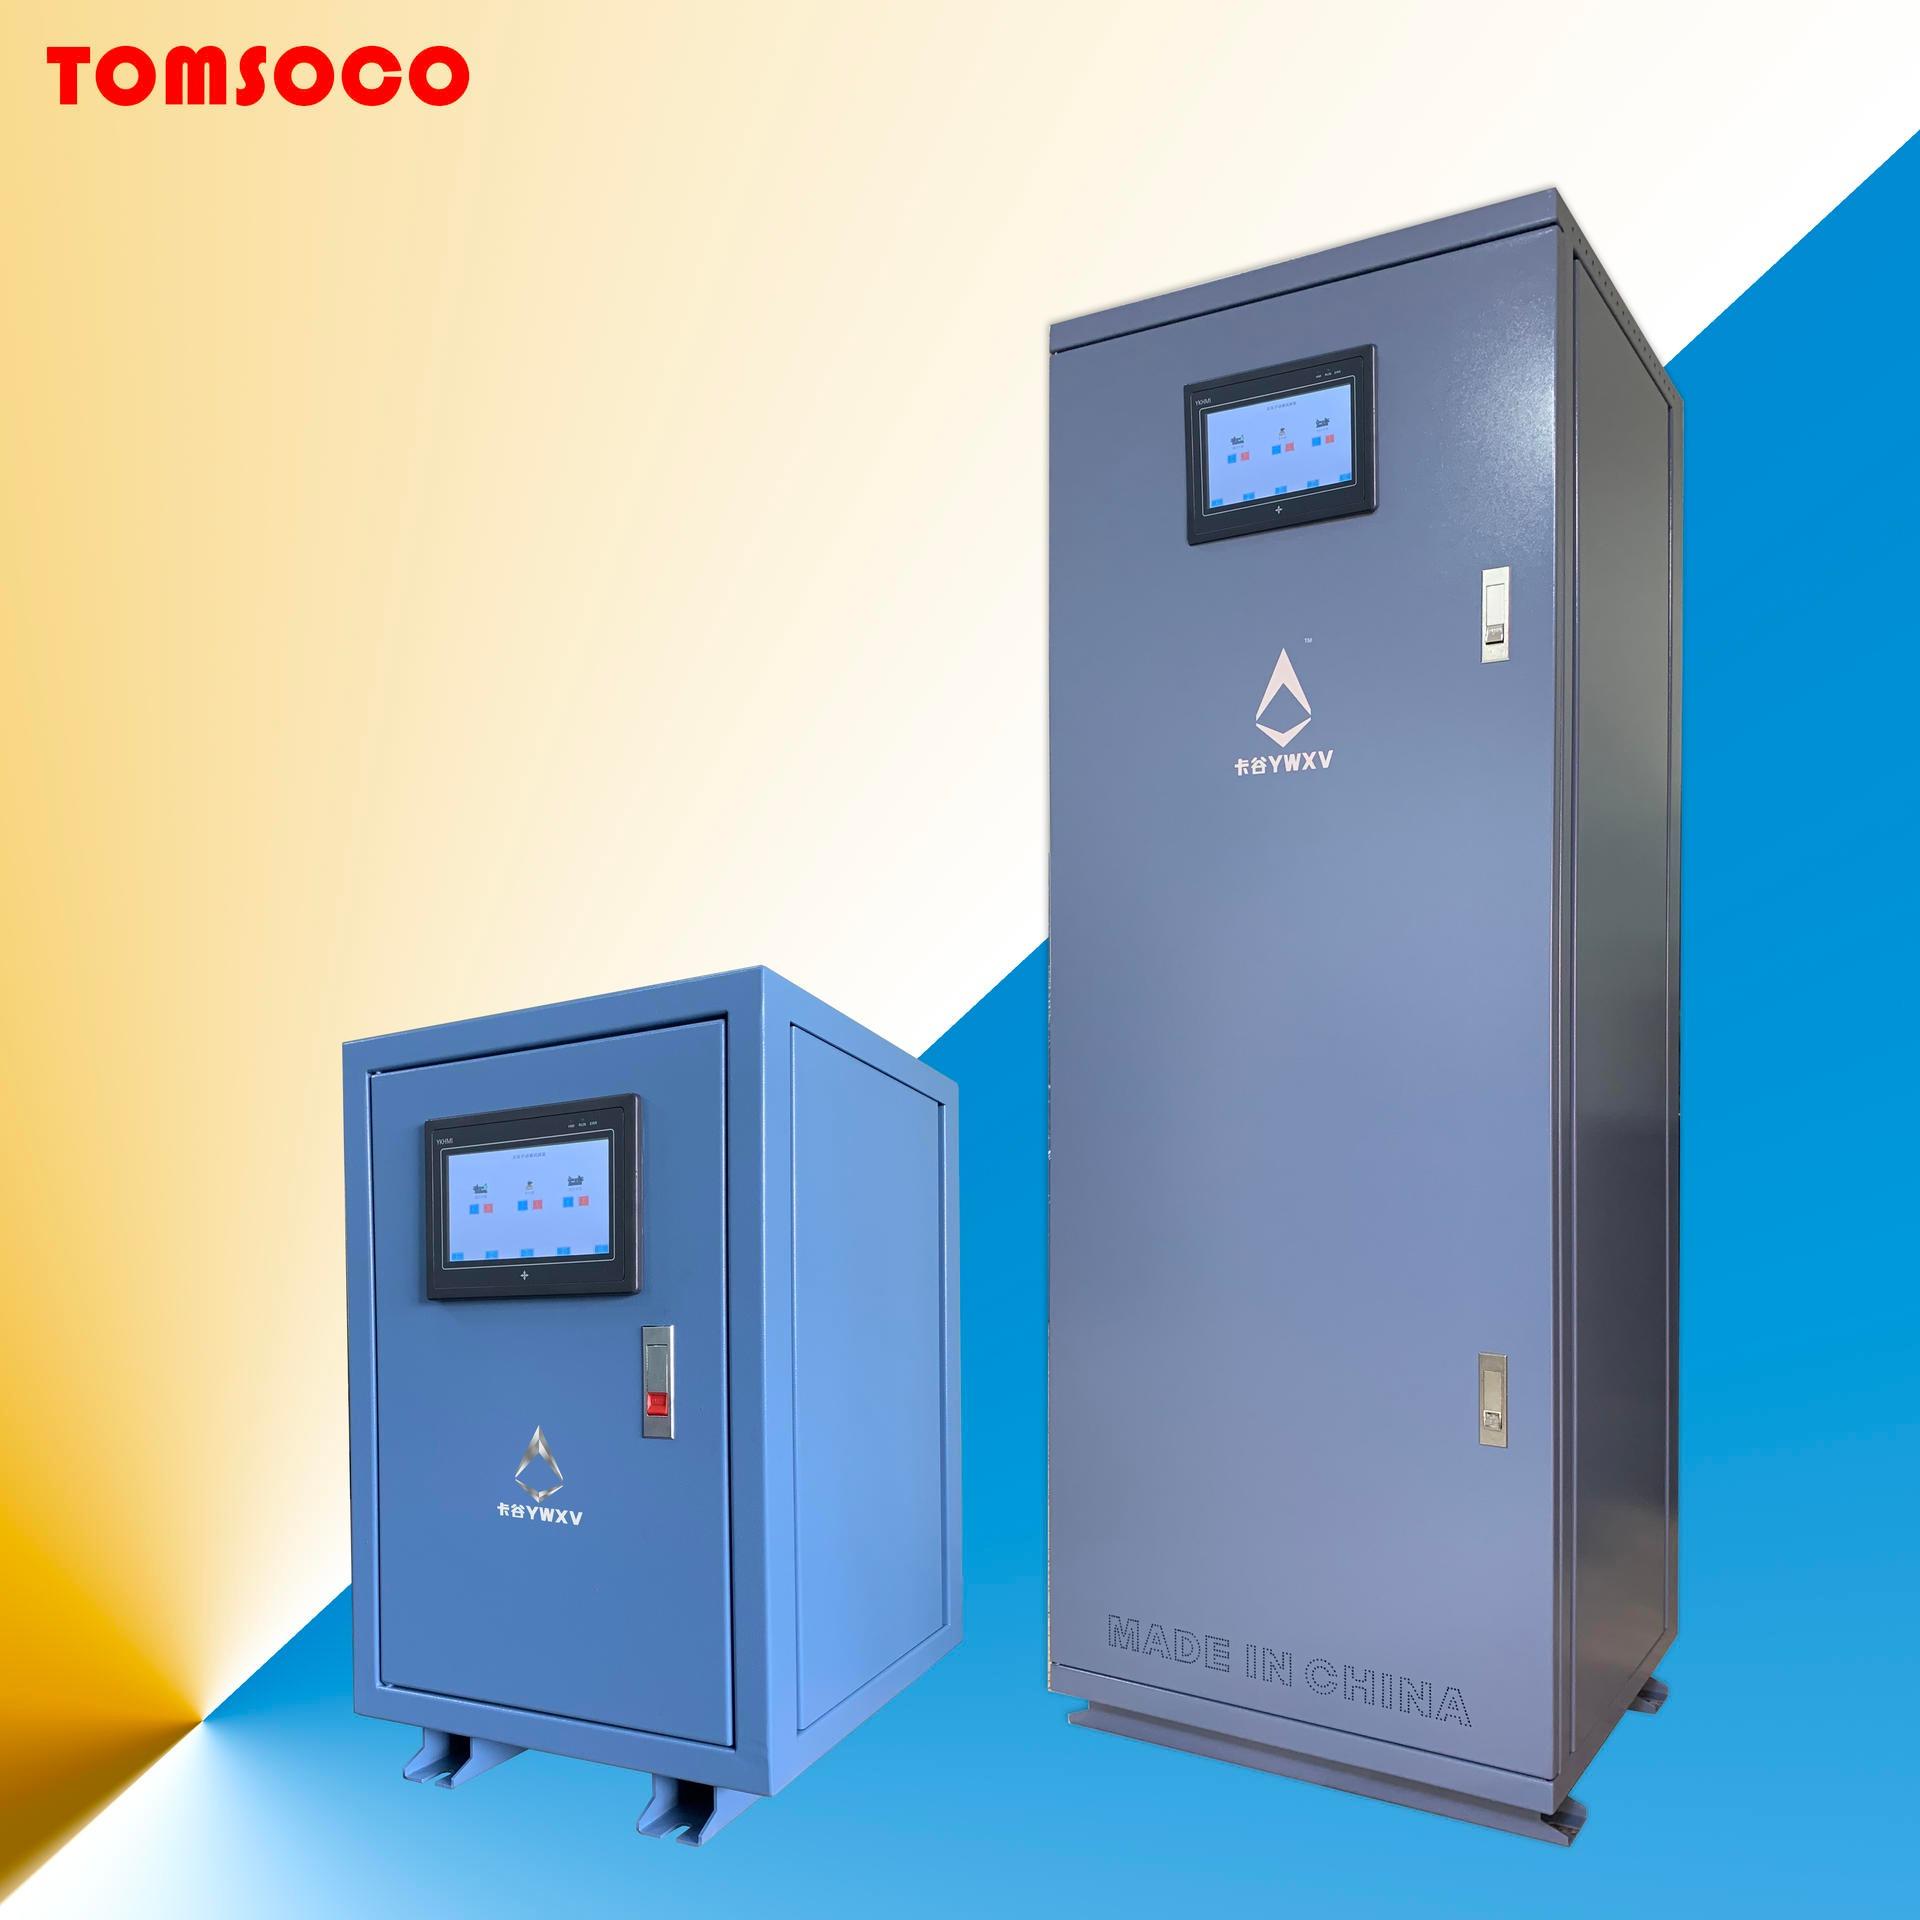 東莞托姆 空壓機熱能回收方案 20-500匹 0元購空壓機余熱回收機 品質穩定、超長保修 空壓機熱交換器 廠家銷售